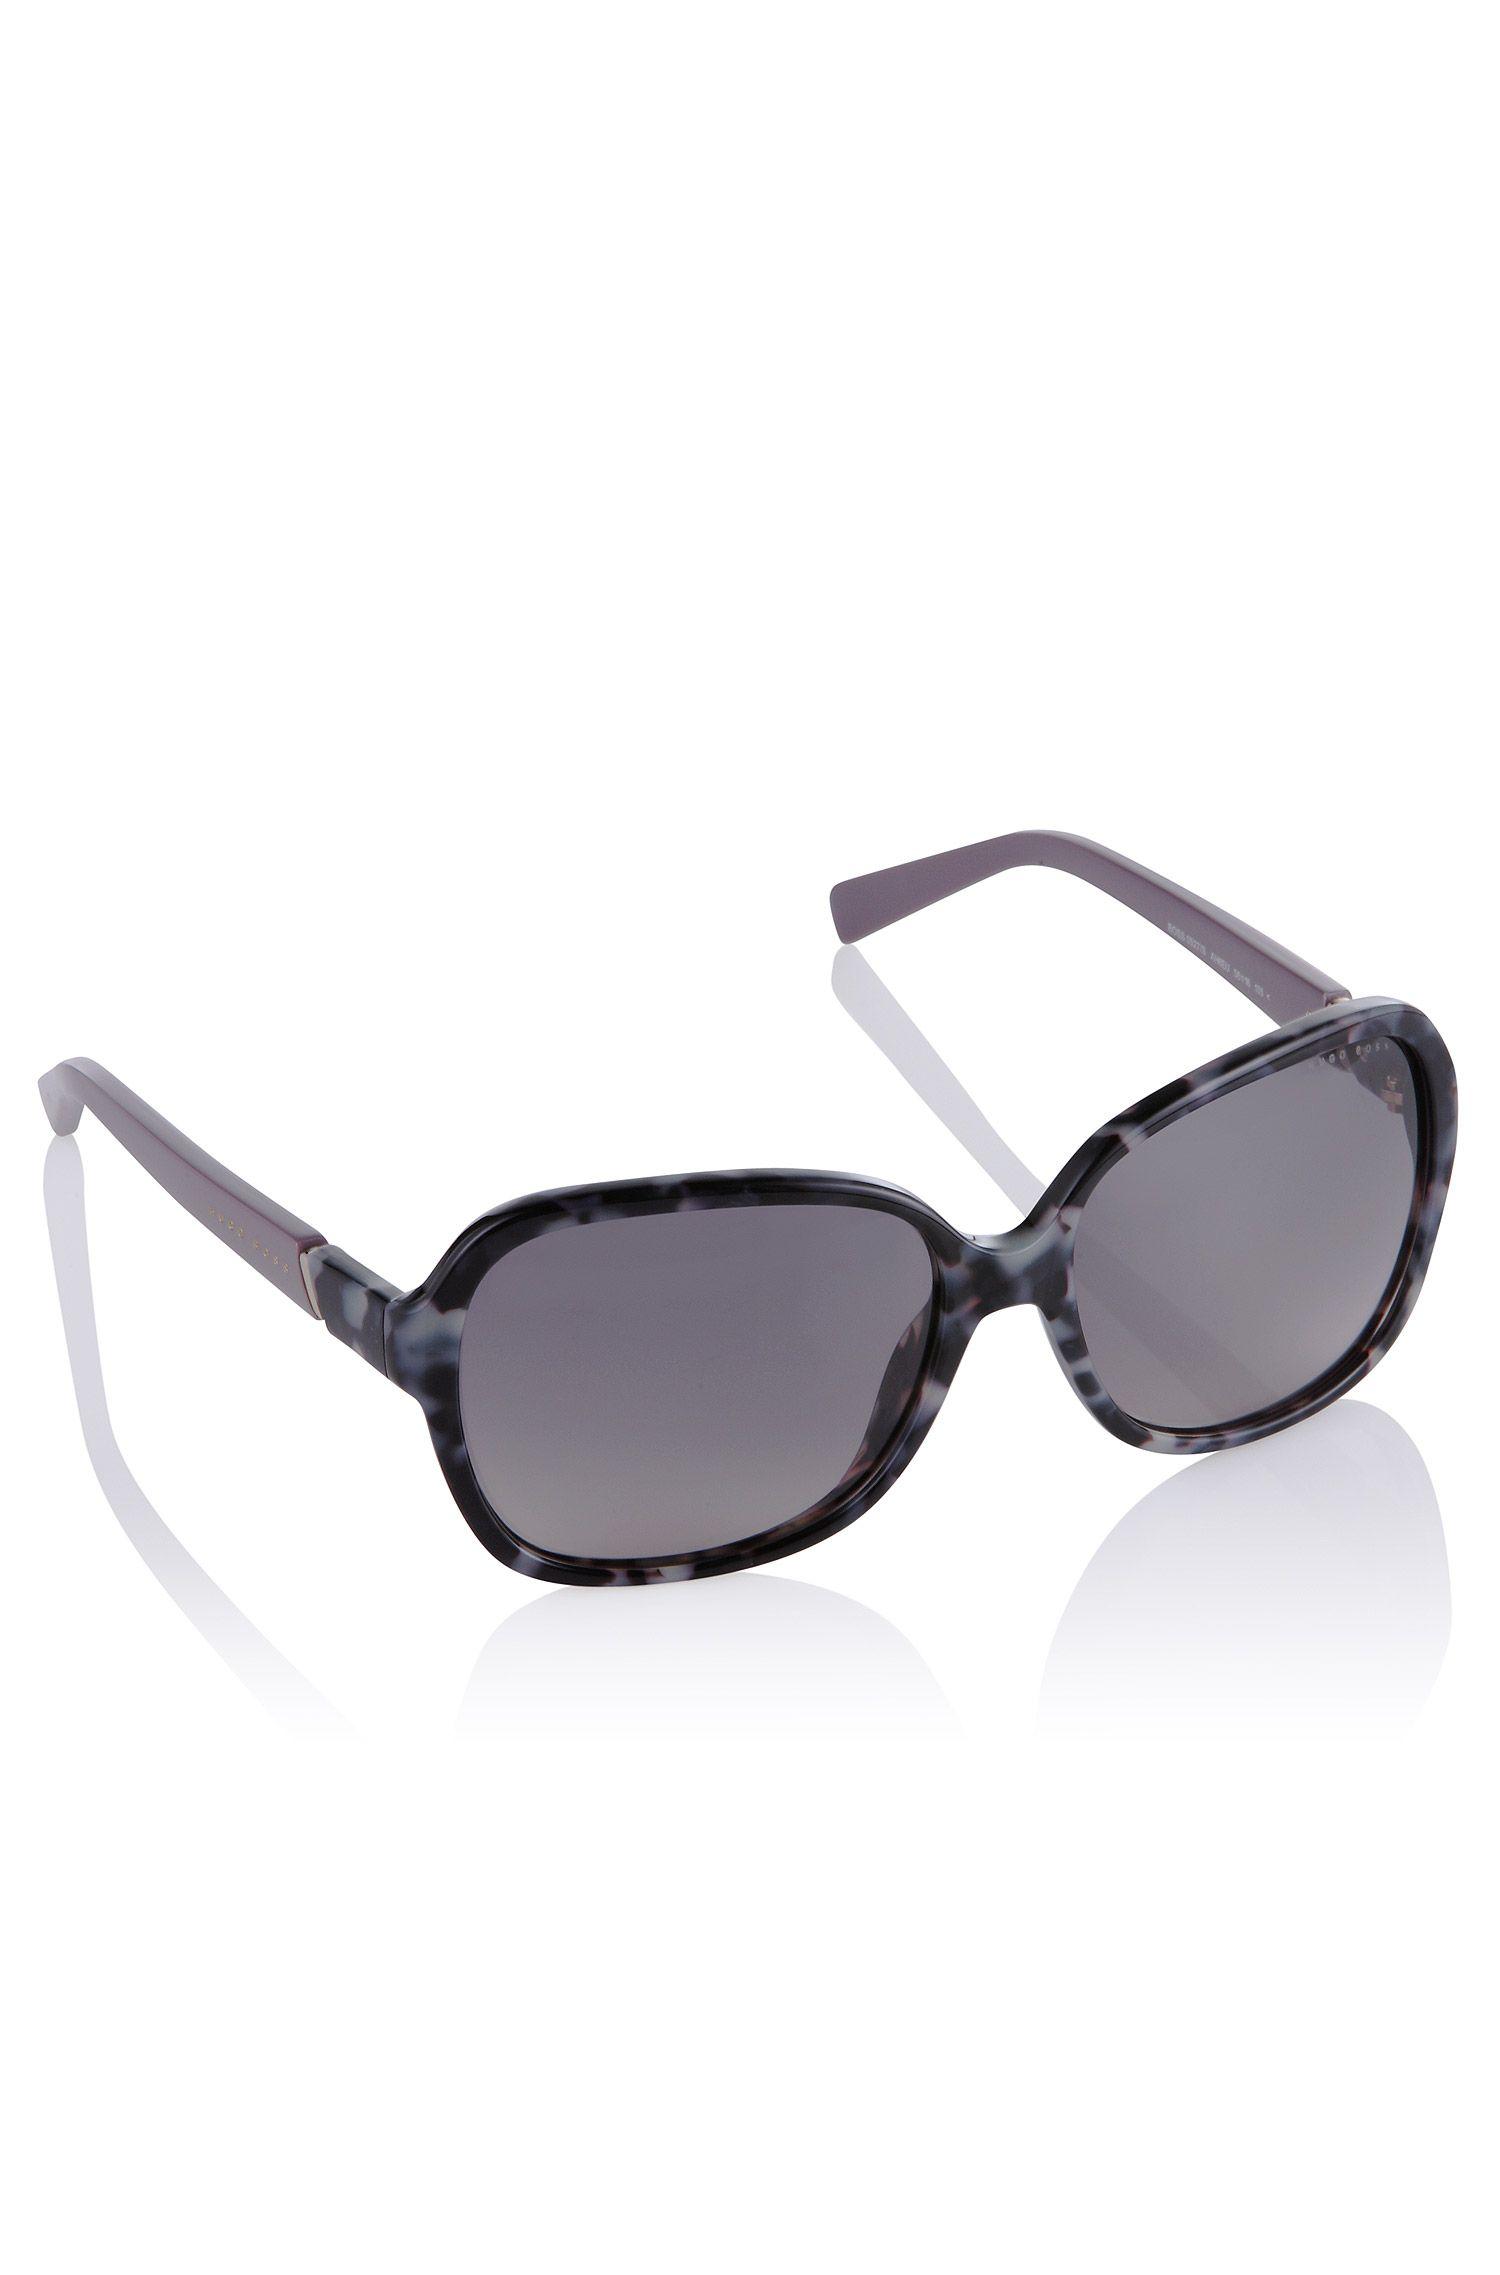 70s-Sonnenbrille ´0527/ S` mit schmalem Bügel